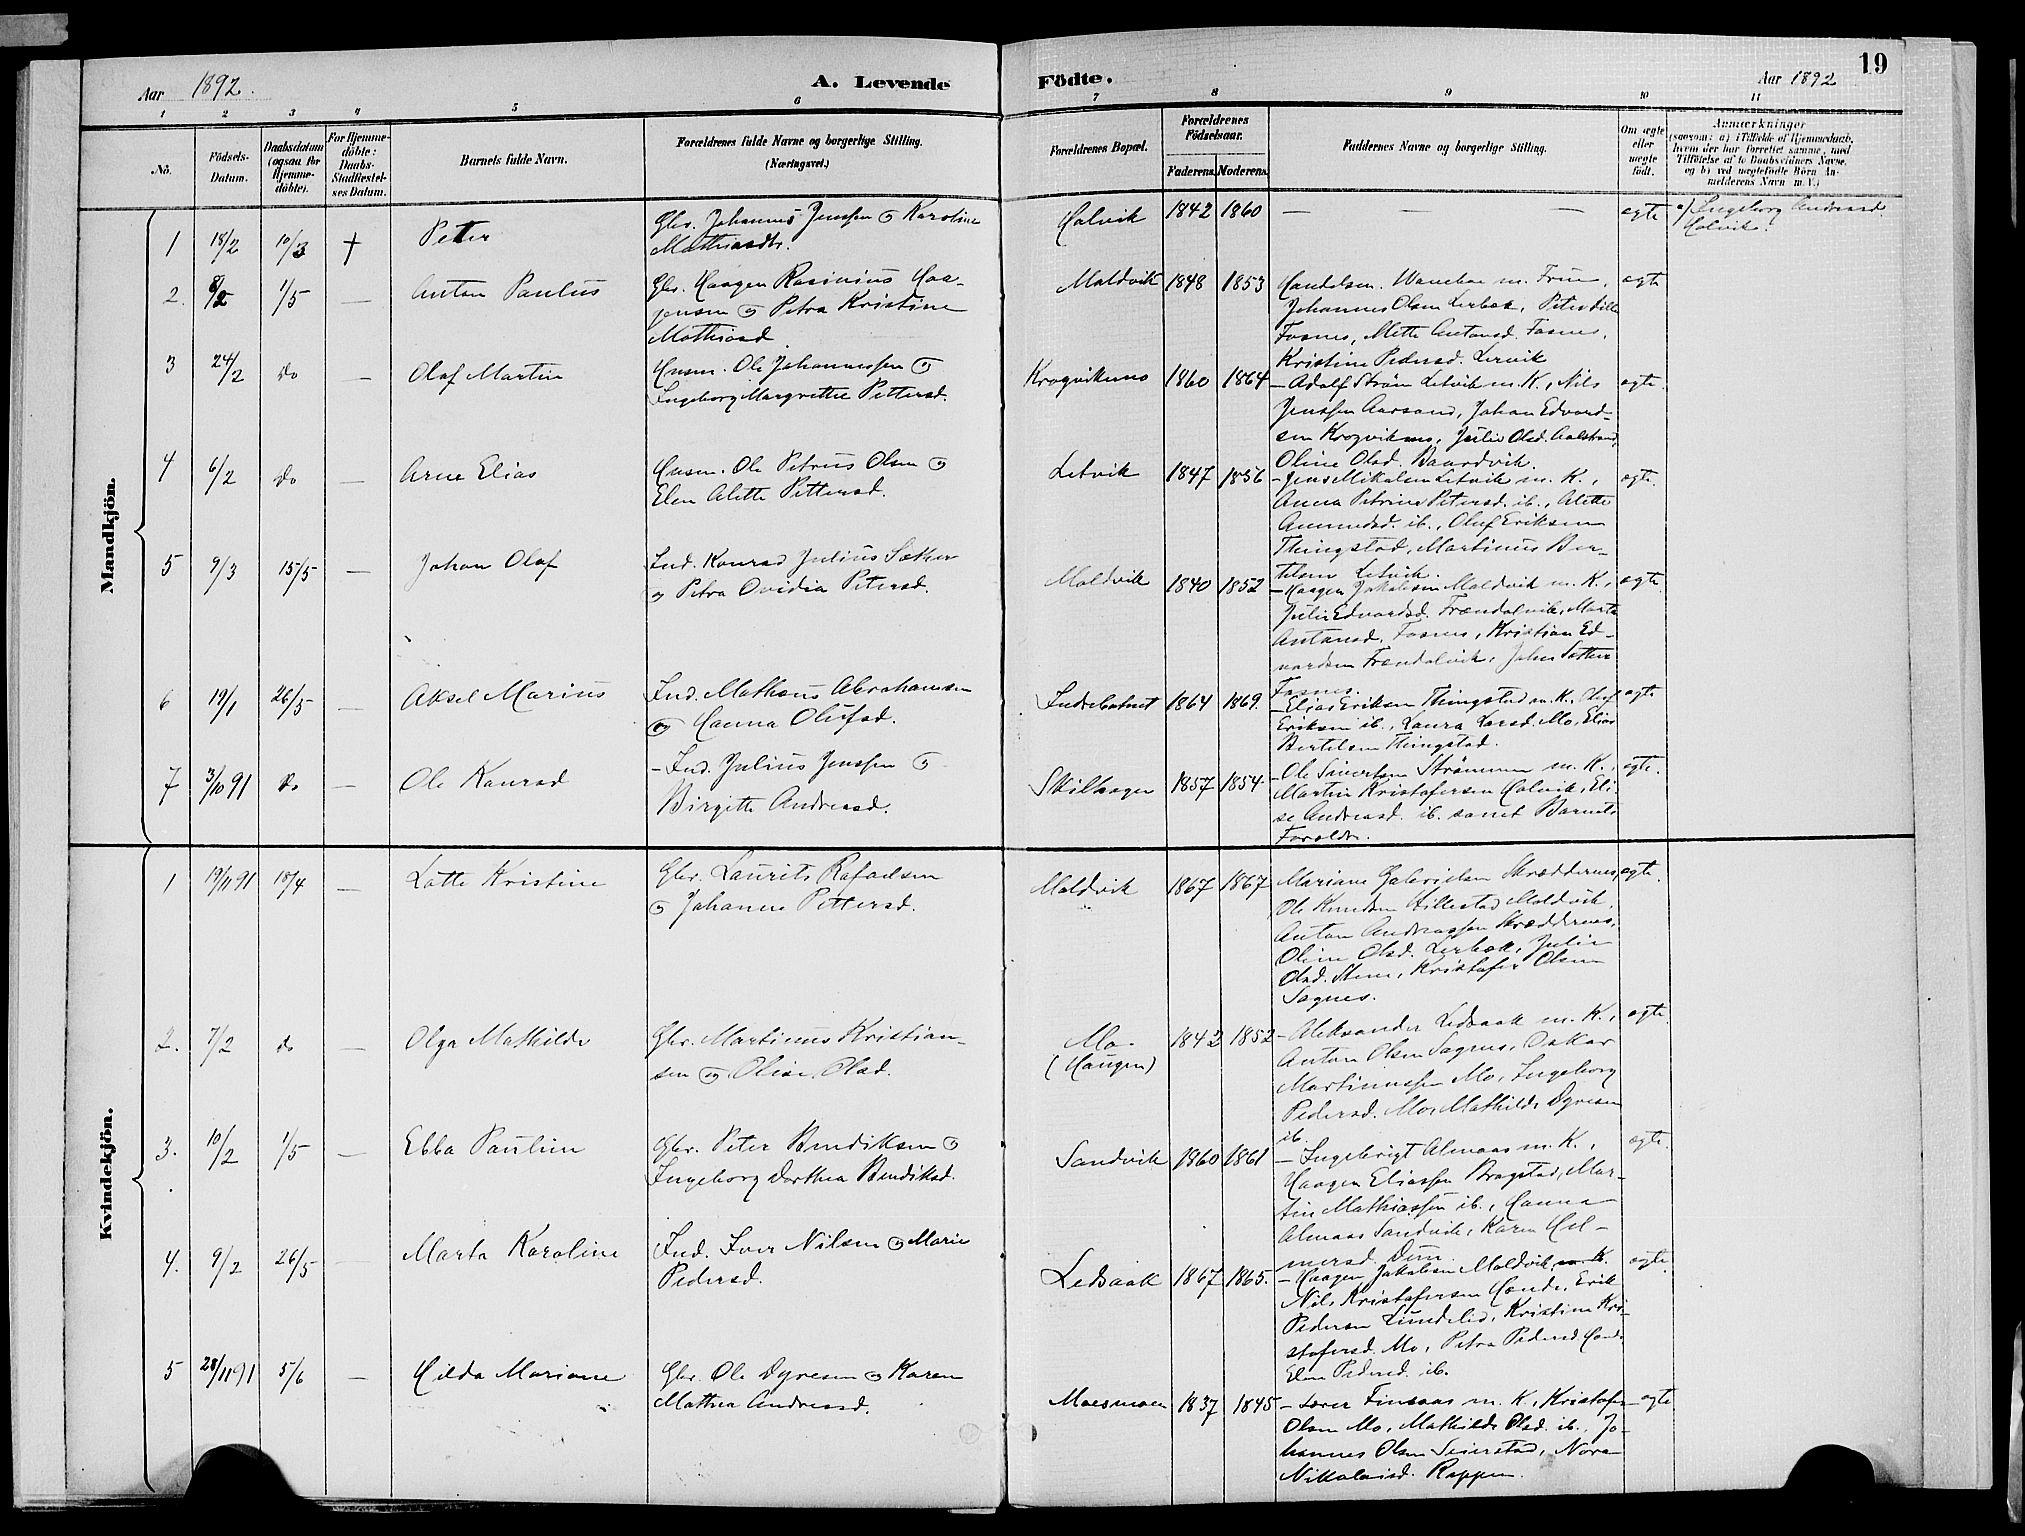 SAT, Ministerialprotokoller, klokkerbøker og fødselsregistre - Nord-Trøndelag, 773/L0617: Ministerialbok nr. 773A08, 1887-1910, s. 19